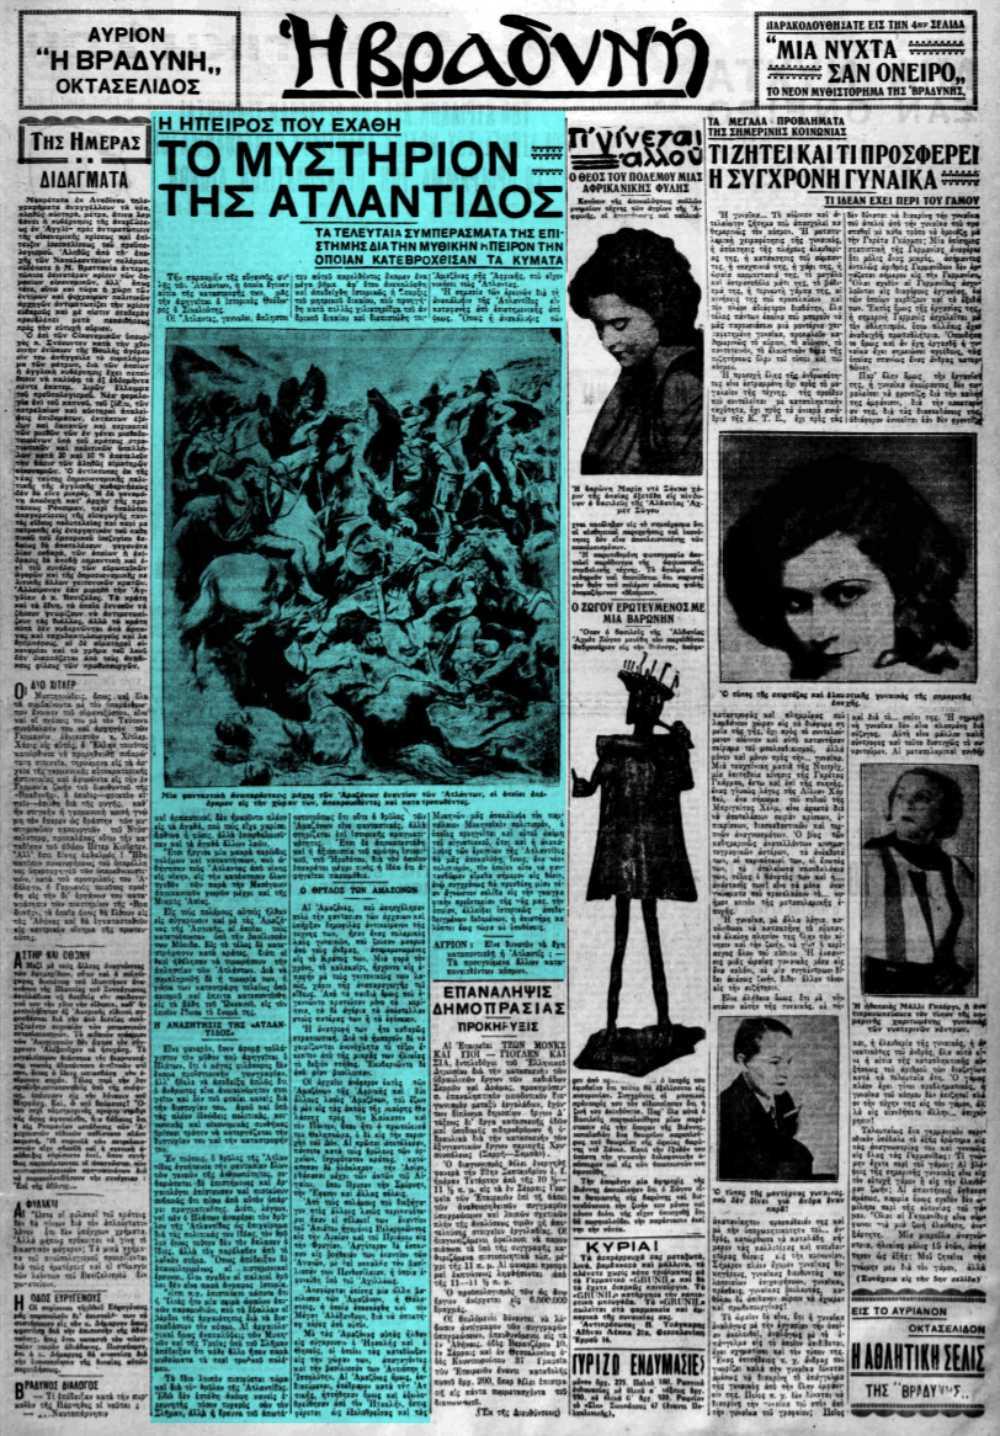 """Το άρθρο, όπως δημοσιεύθηκε στην εφημερίδα """"Η ΒΡΑΔΥΝΗ"""", στις 11/09/1931"""